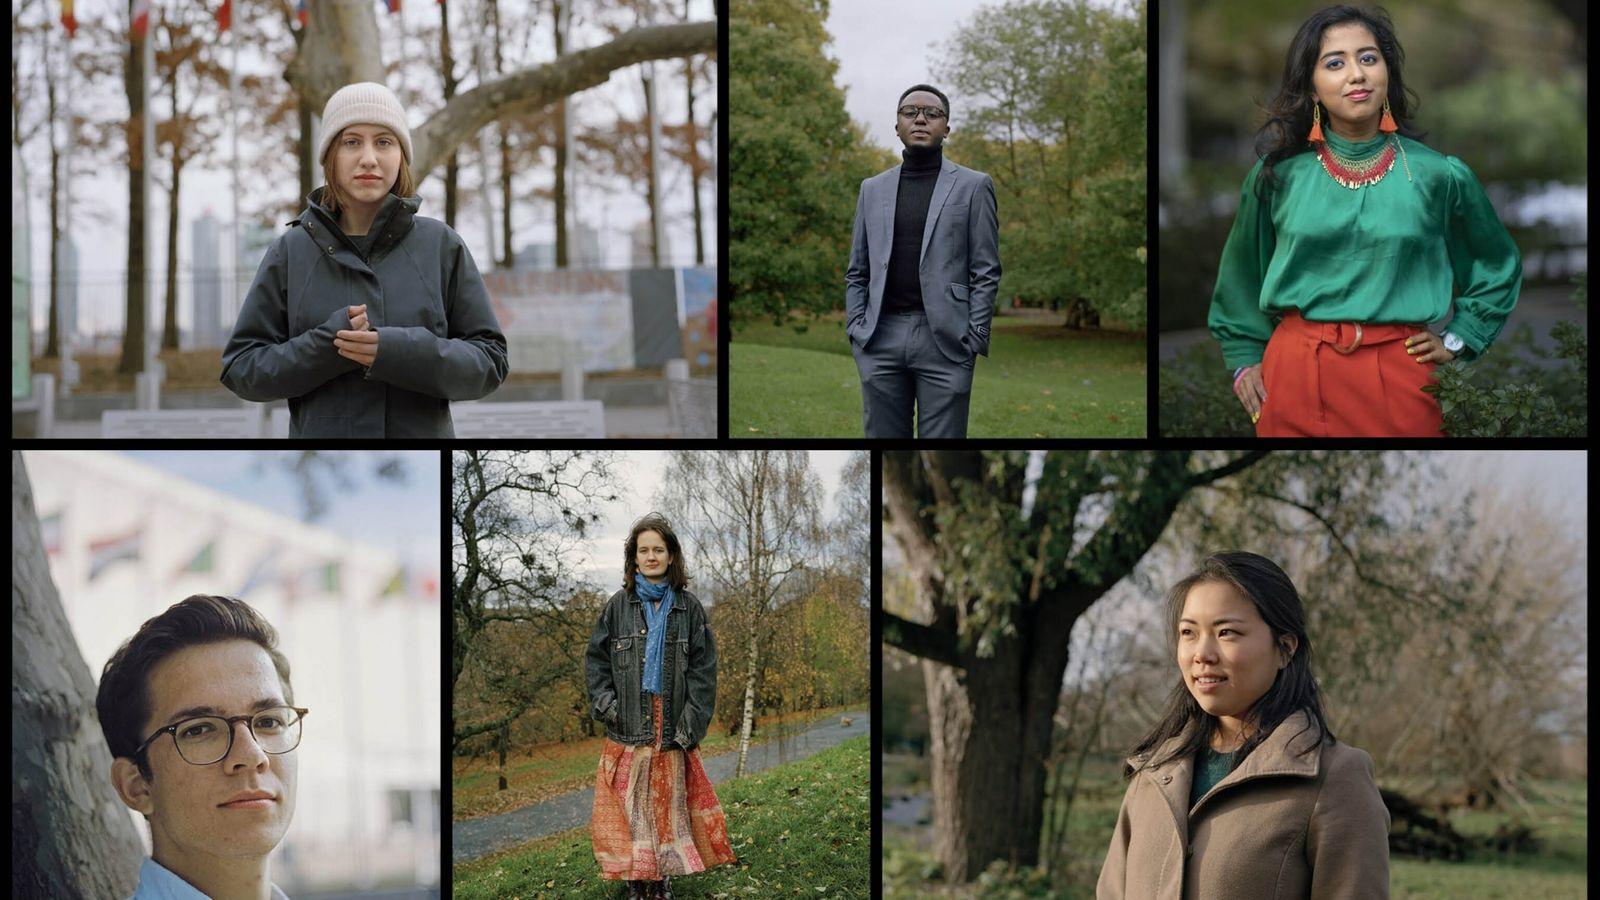 Fotografías de activistas del clima